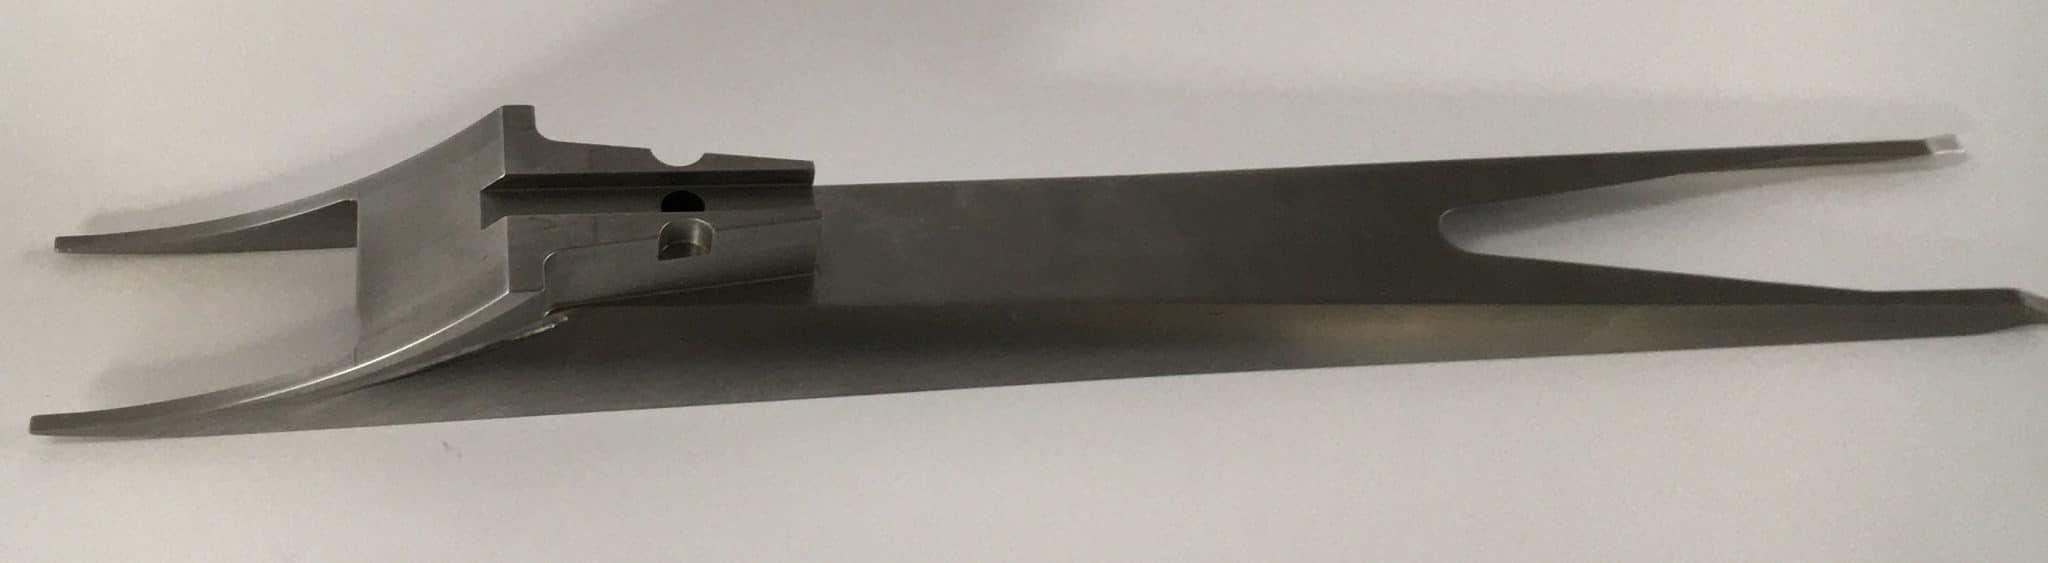 Teebeutelschlauchformer-45 mm (TCW1 A30 032)